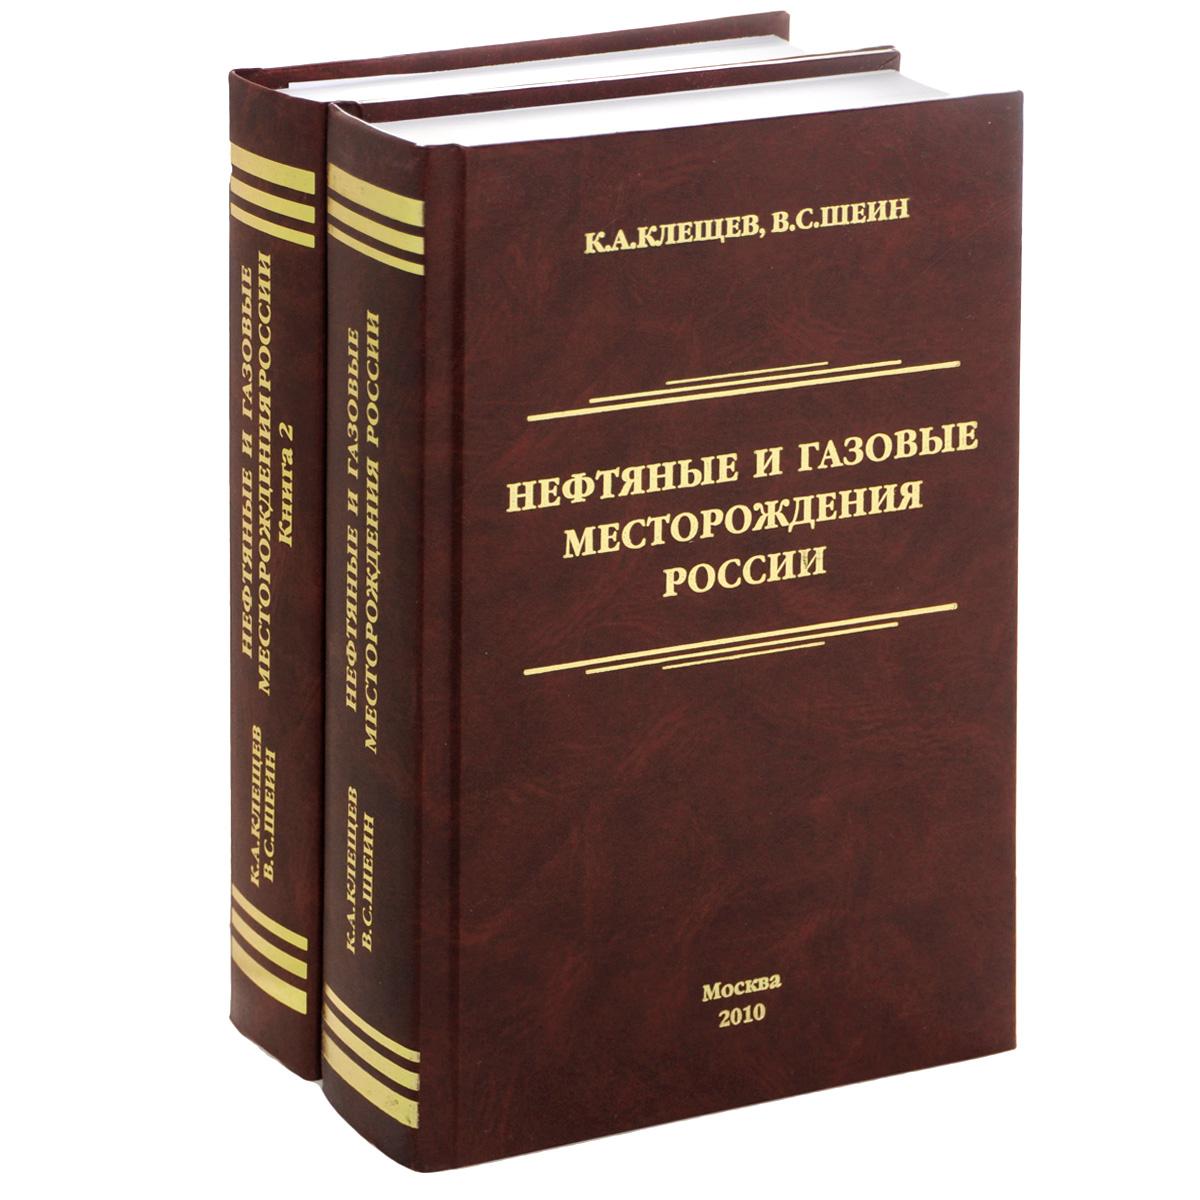 Нефтяные и газовые месторождения России. Справочник. В 2 книгах (комплект)